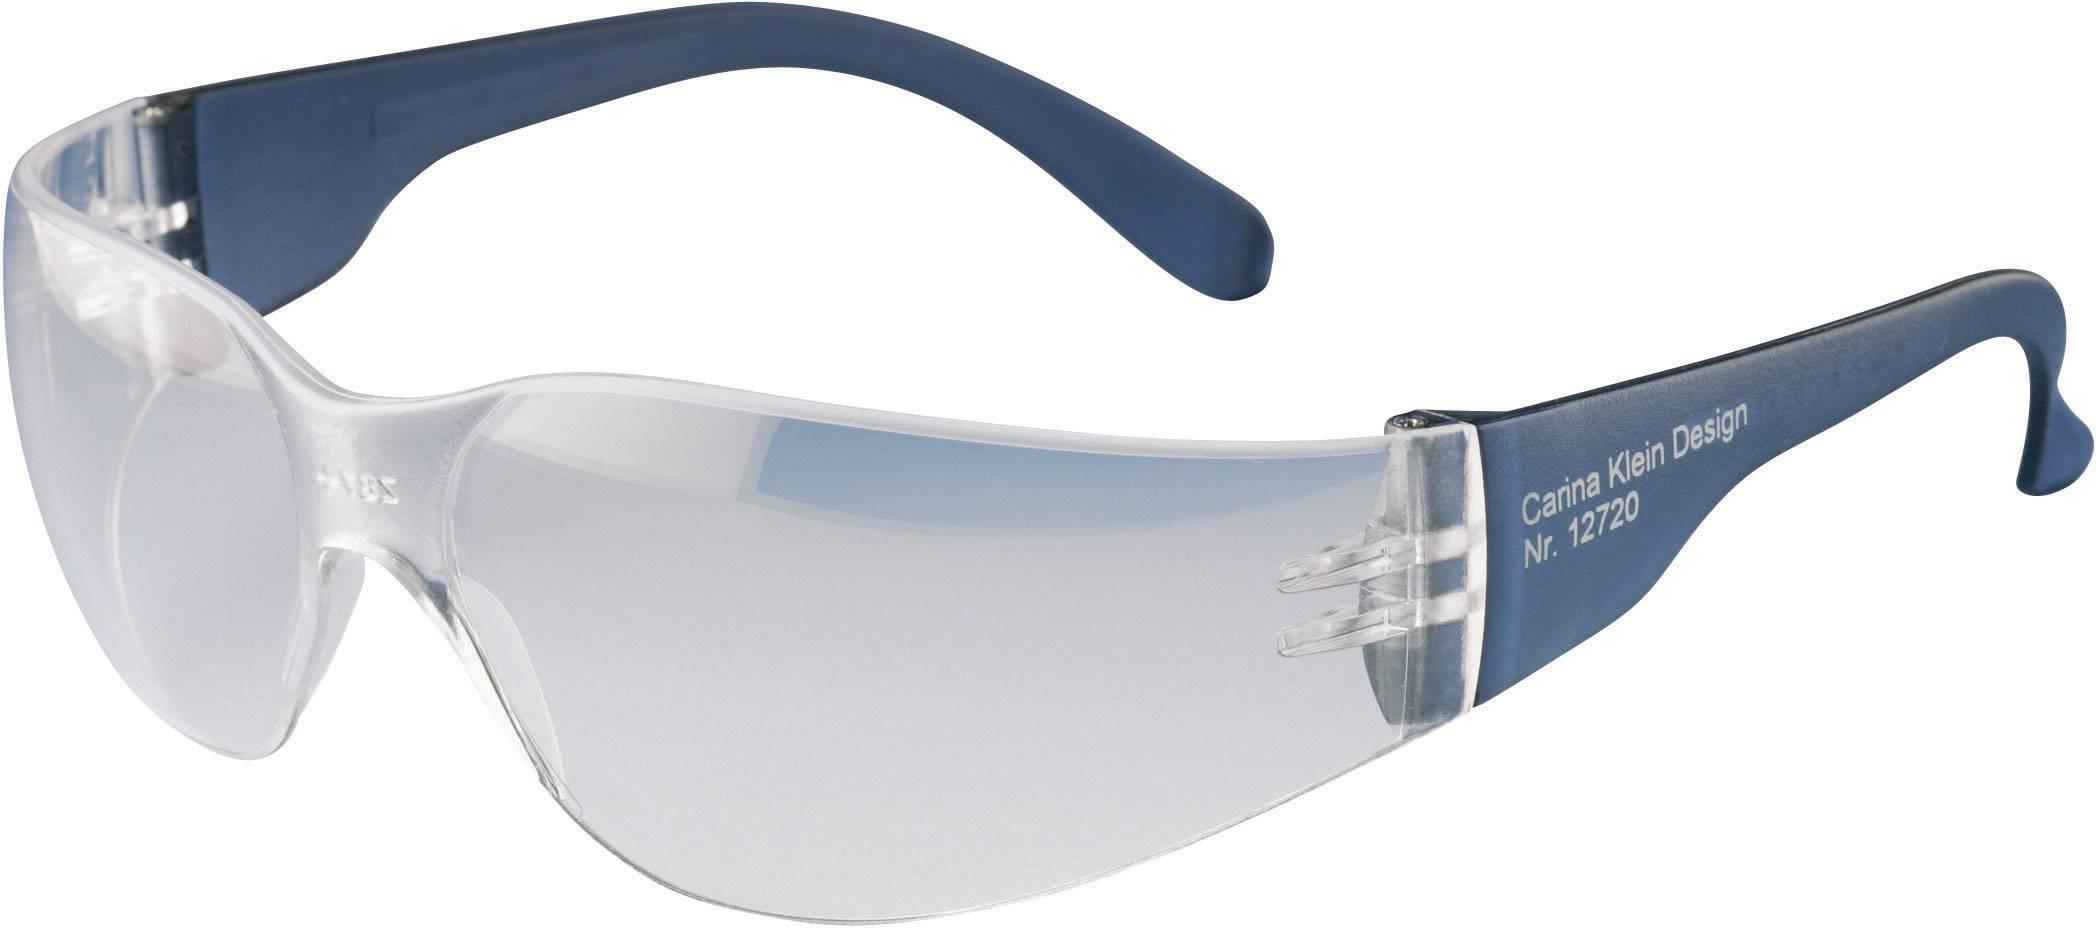 Ochranné okuliare Ekastu SEKURA Carina Klein Design 12720